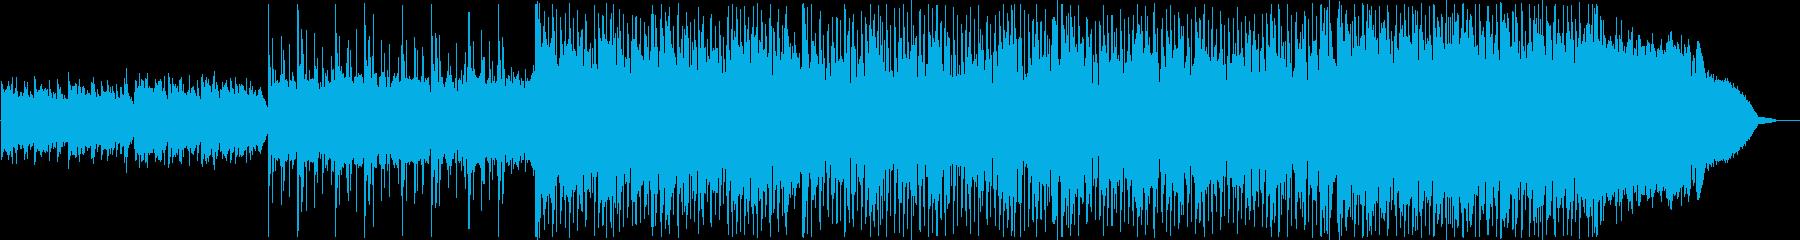 ピアノテクノポップスの再生済みの波形